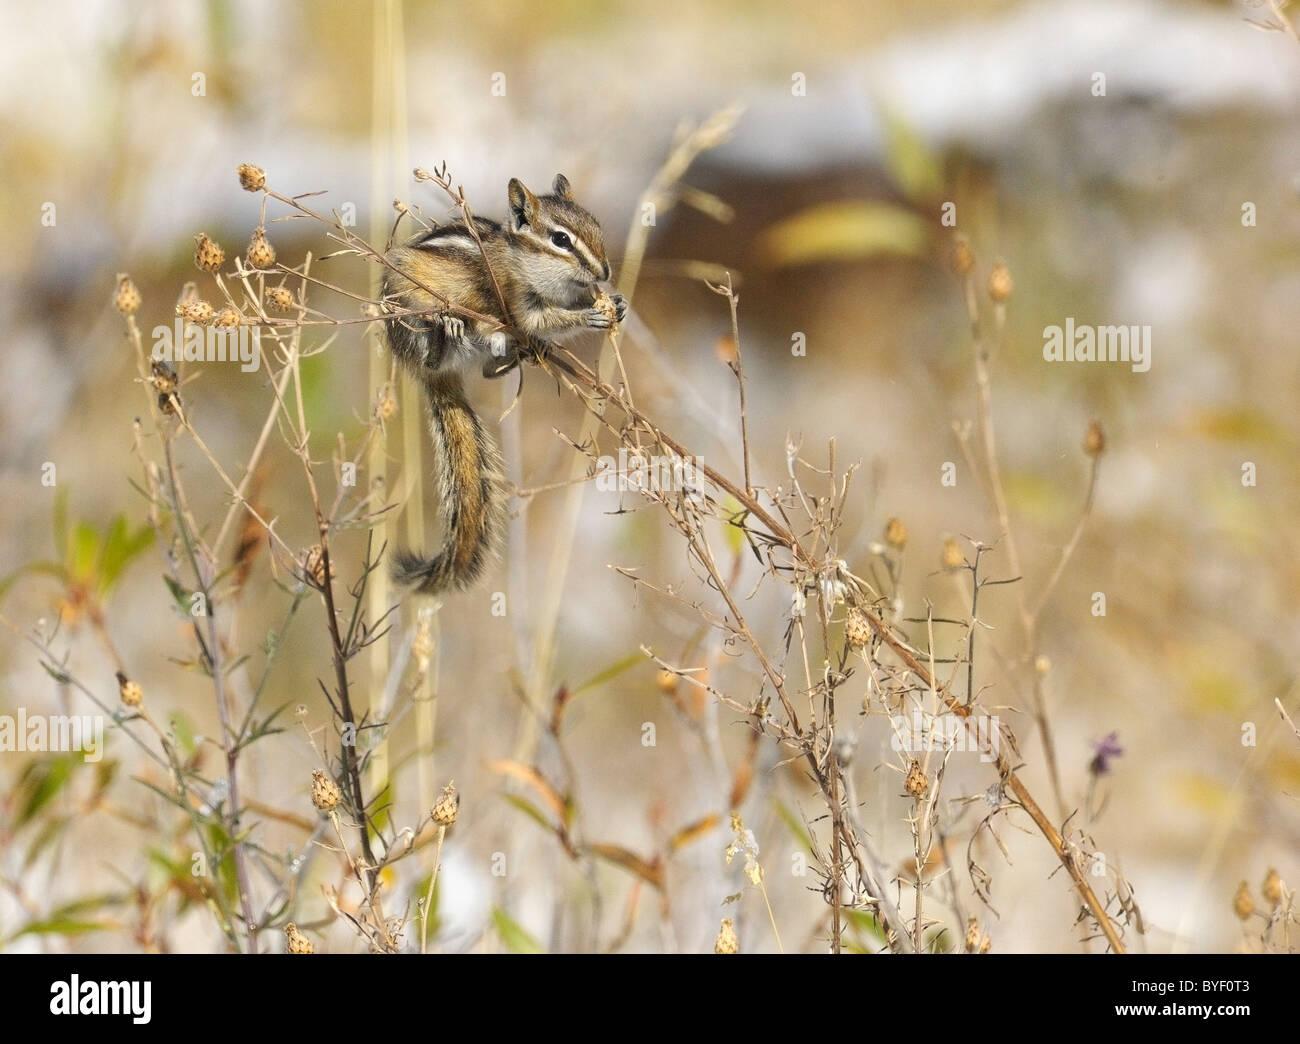 Le tamia mineur se nourrissant de graines dans des buissons bas. Photo Stock